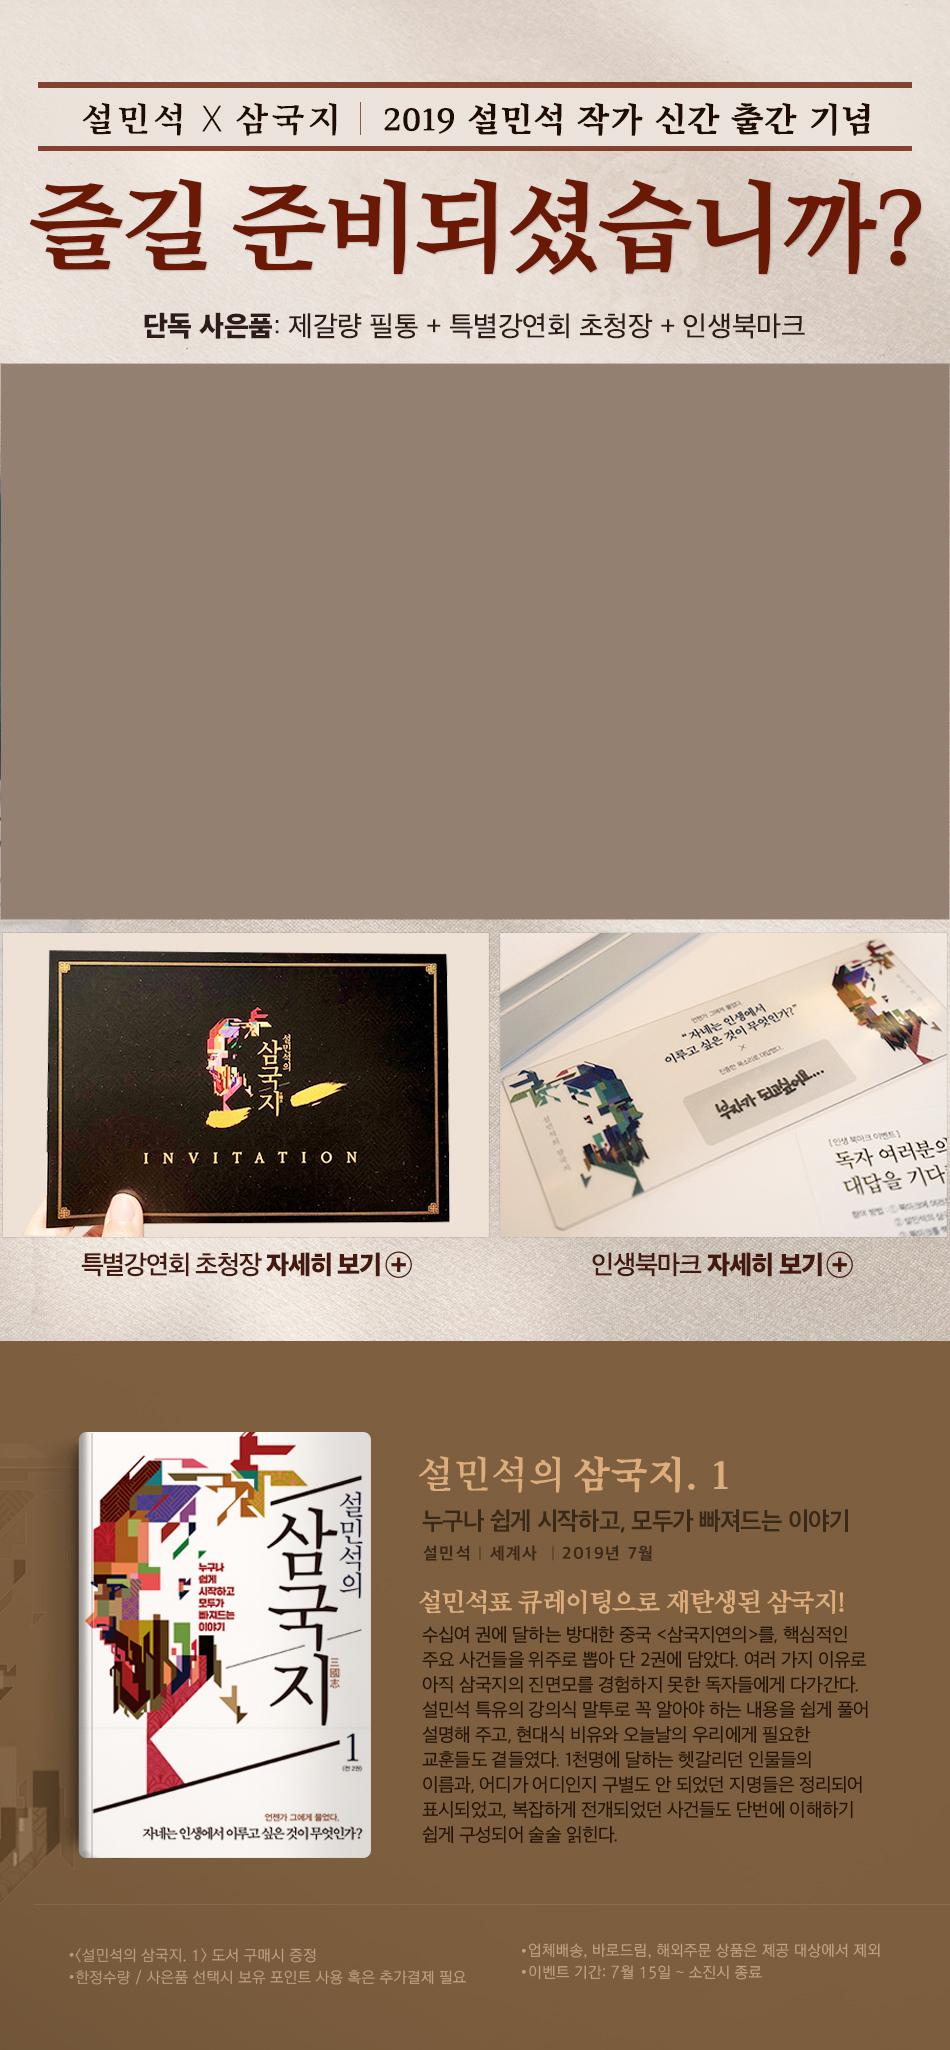 2019 설민석 작가 신간 출간 기념. 설민석 x 삼국지, 즐길 준비되셨습니까? 단독 사은품: 제갈량 필통 + 특별강연회 초청장 + 인생북마크